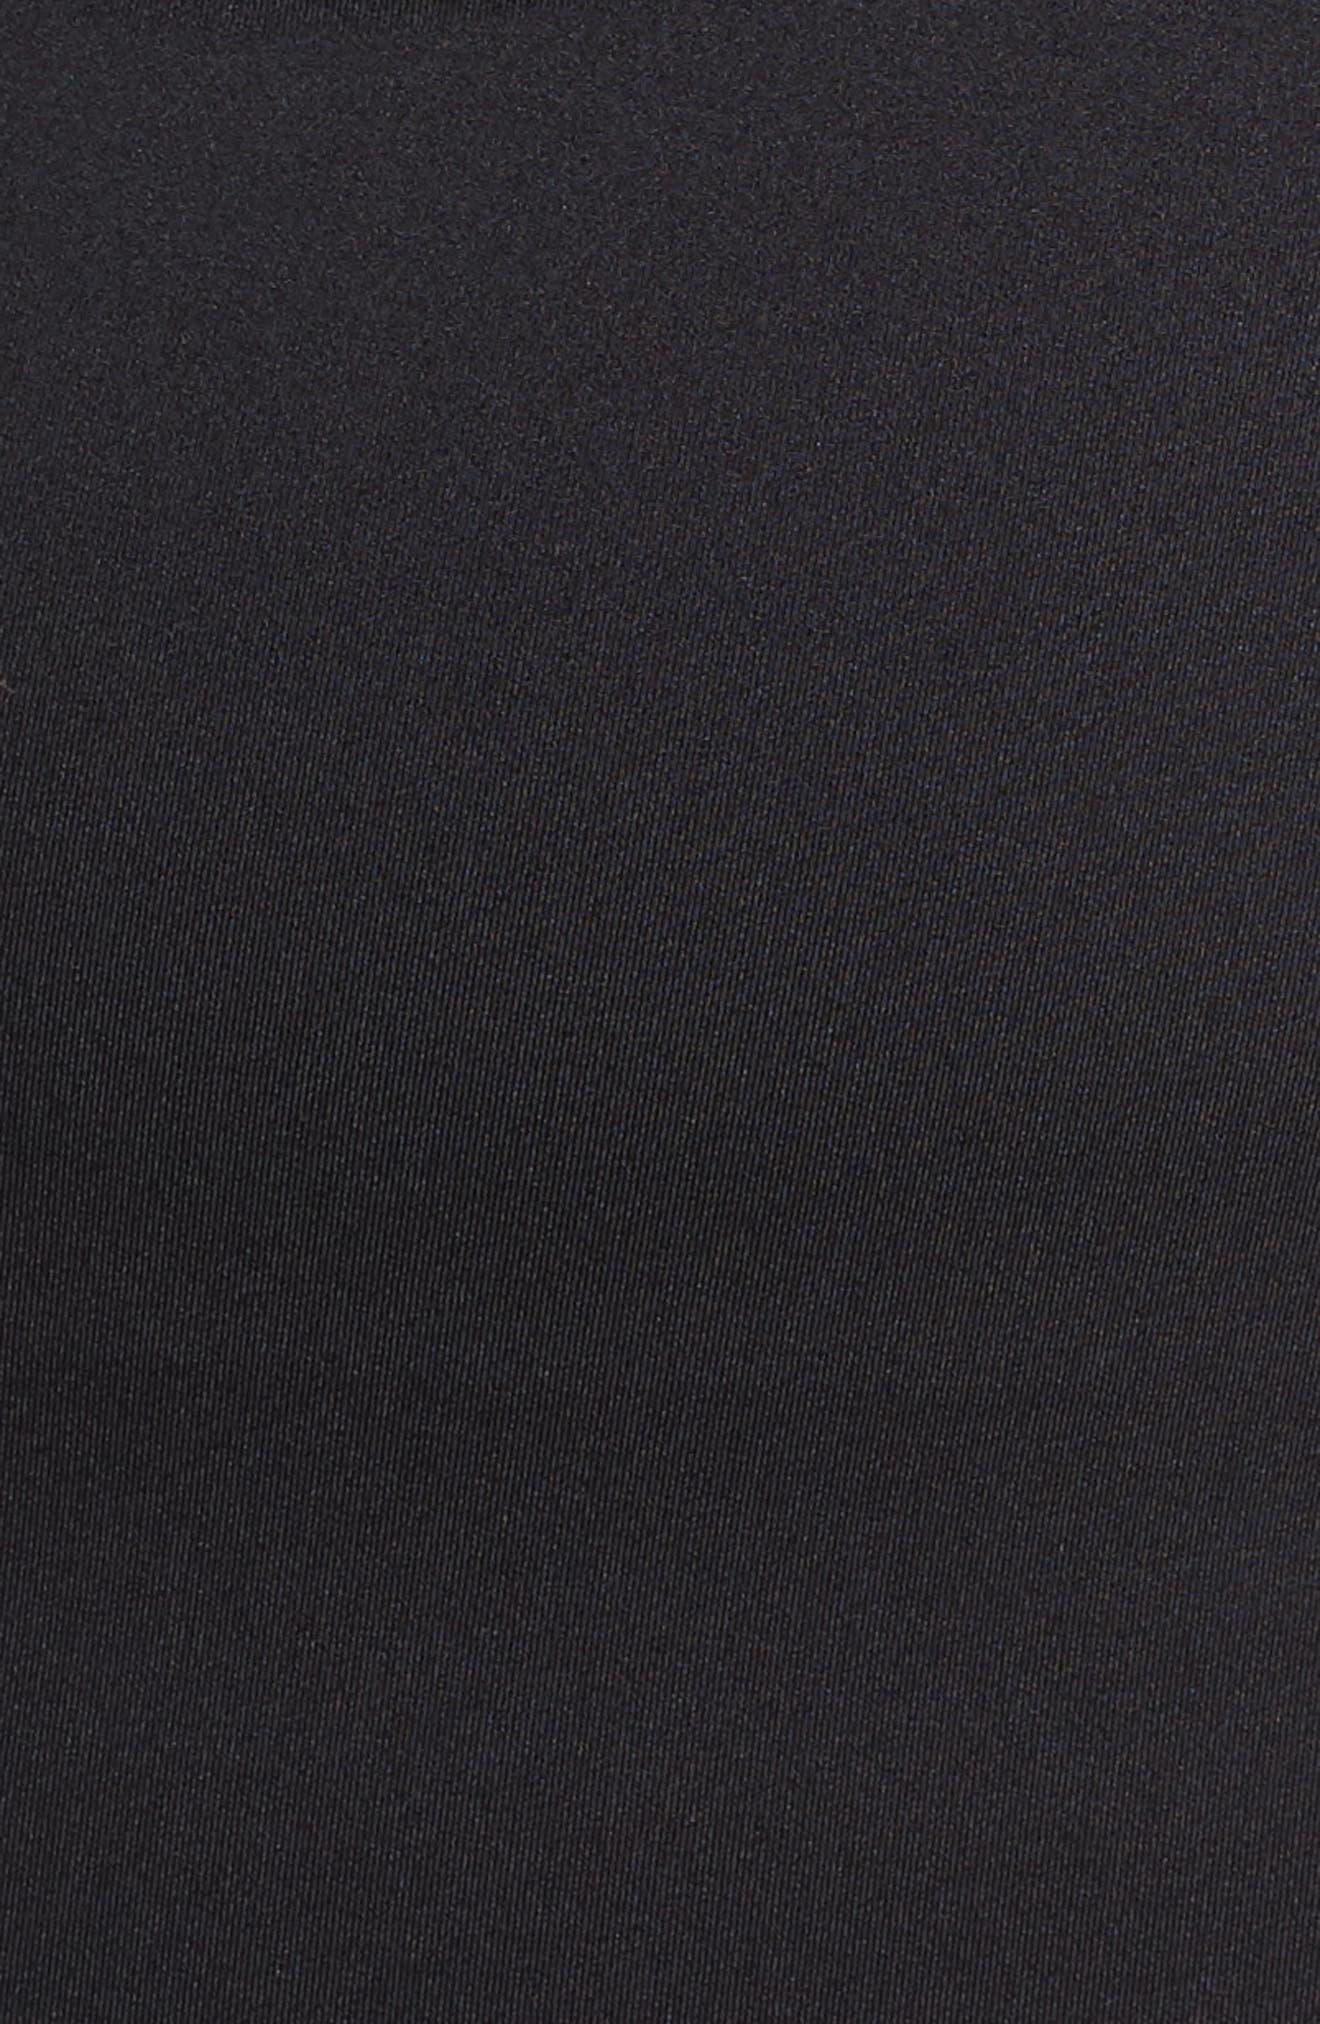 Crossback Tankini Top,                             Alternate thumbnail 5, color,                             BLACK